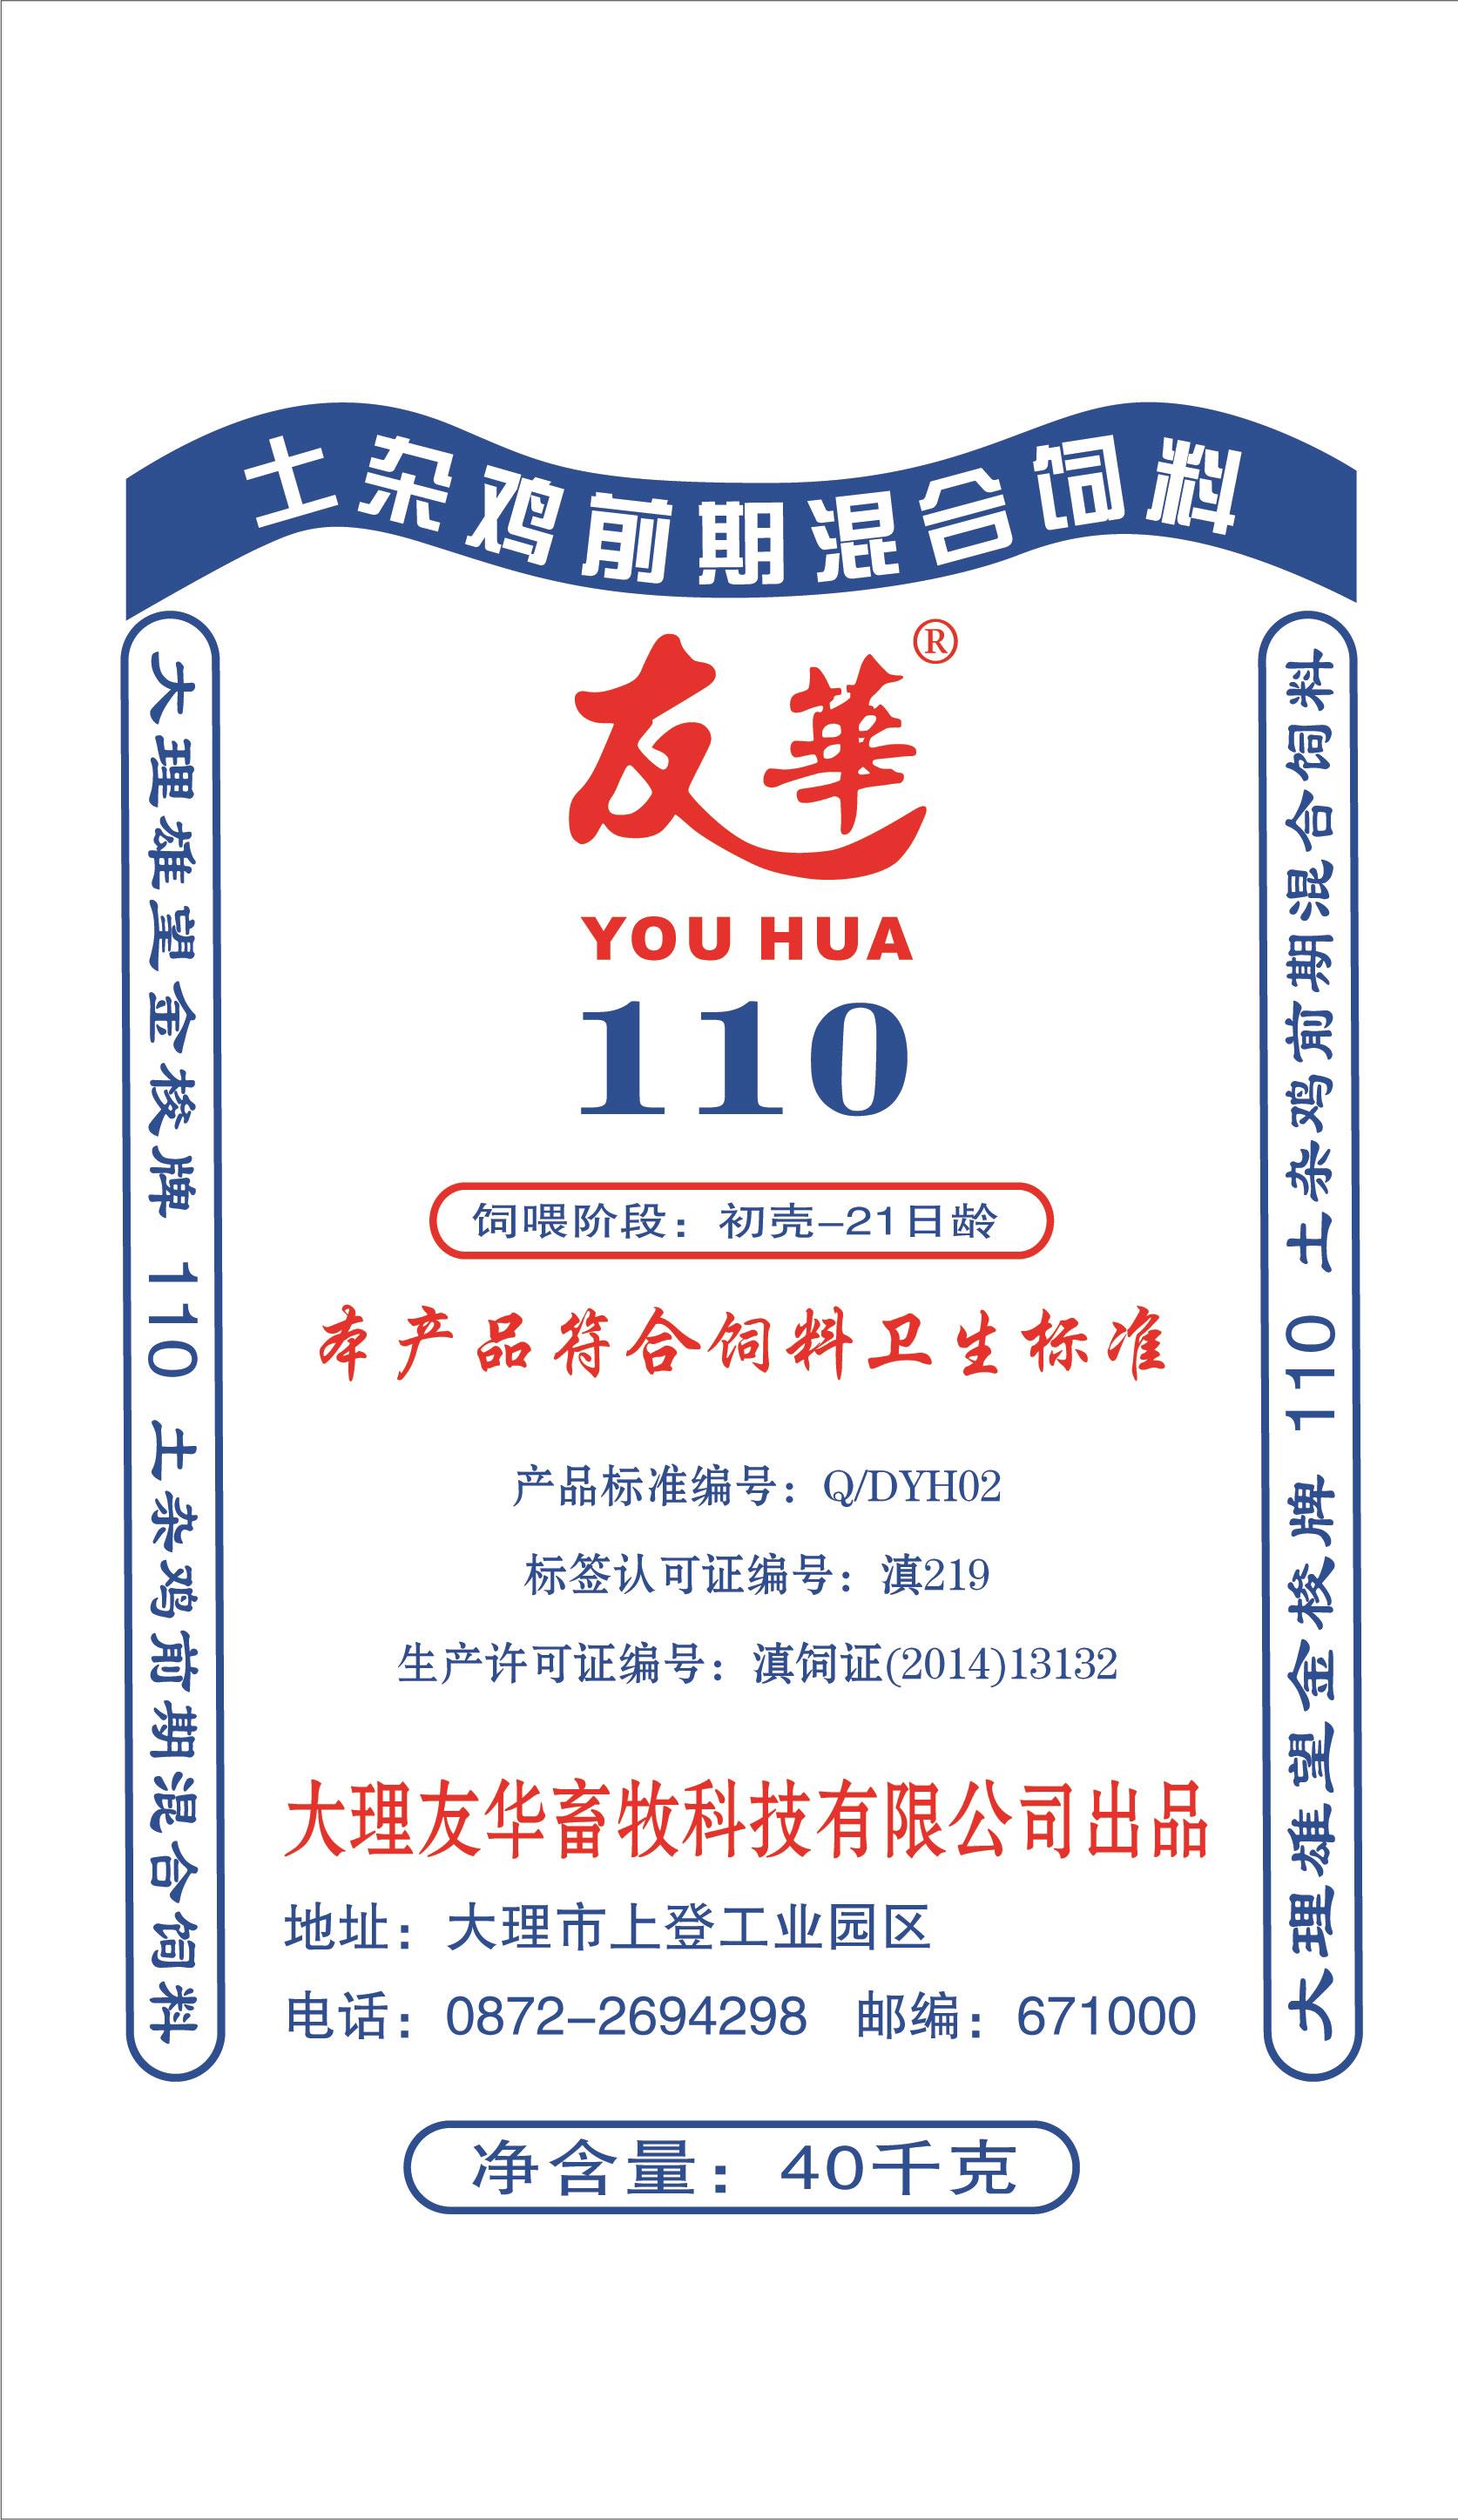 土雜雞_110